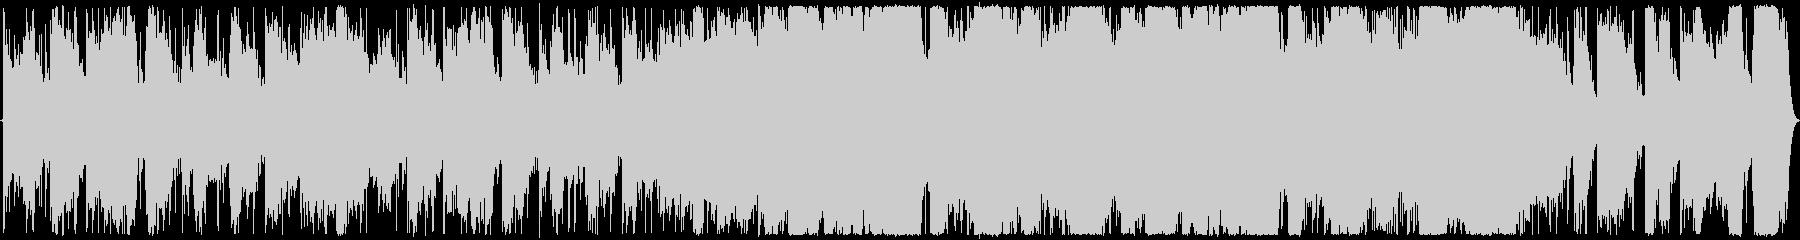 太古の時代をイメージの未再生の波形